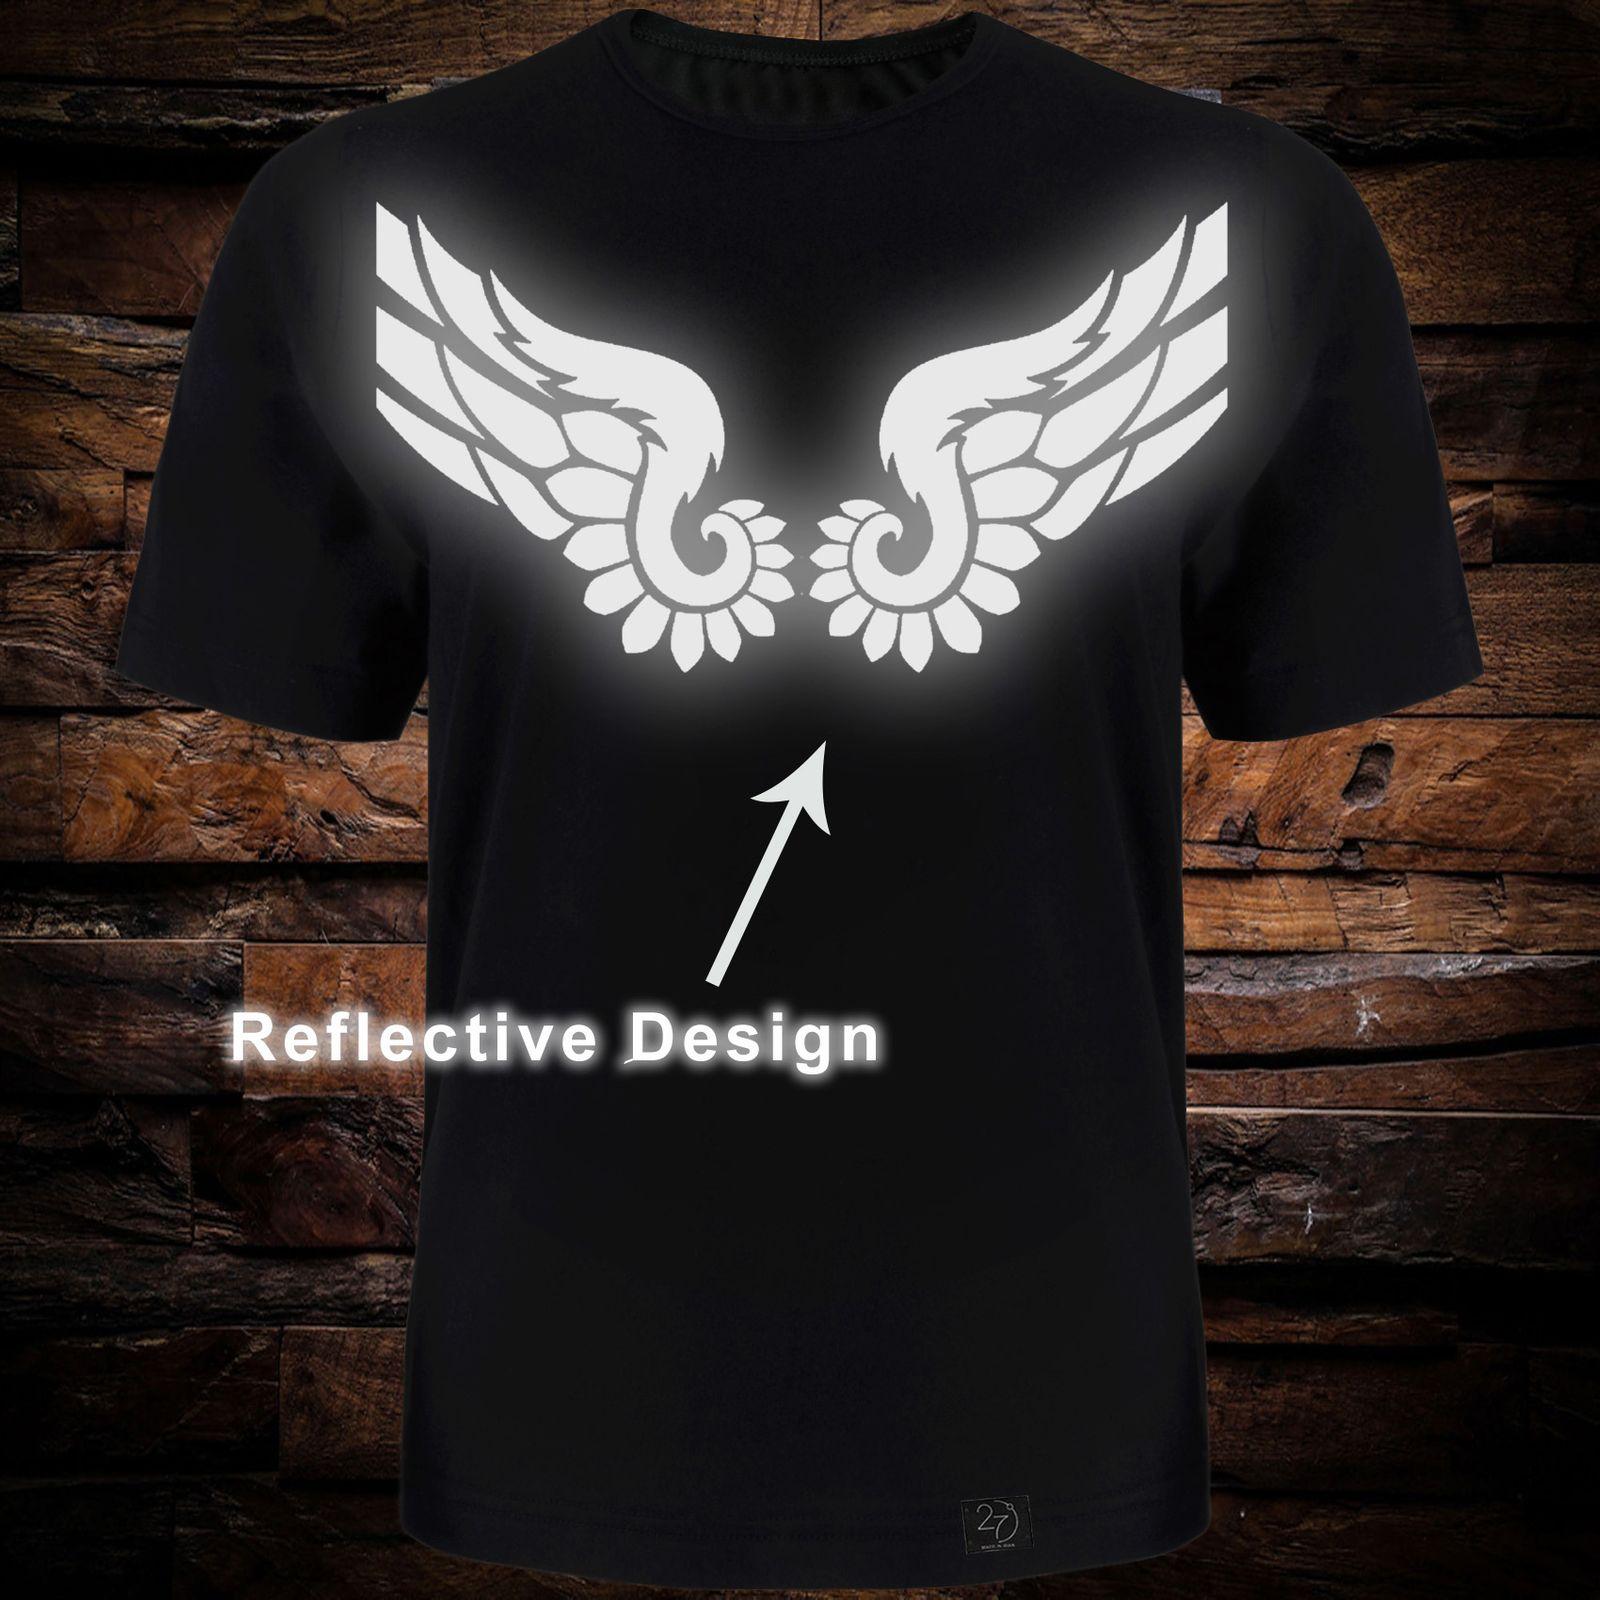 تی شرت آستین کوتاه مردانه 27 طرح بال کد TR09 رنگ مشکی -  - 4